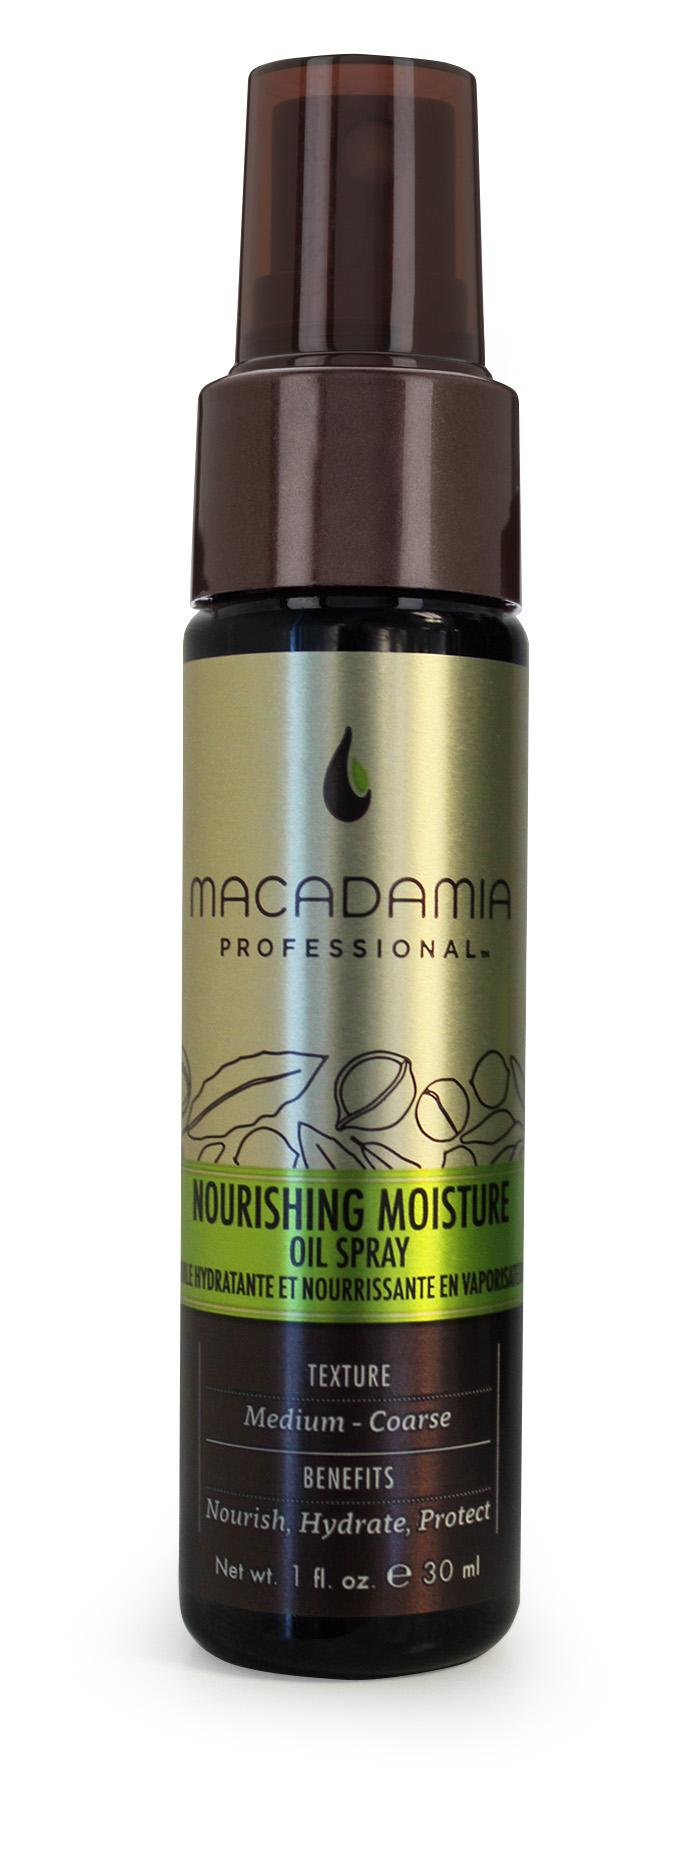 Macadamia Professional Уход масло-спрей увлажняющий, 30 млFS-00897Невесомый уход Macadamia Professional в виде спрея c ультратонким распылением содержит эксклюзивный Pro Oil Complex, мгновенно впитывается в волосы, защищает их, придает мягкость и блеск. Витамин Е увлажняет и обеспечивает длительную гладкость, предохраняет волосы от спутывания, устраняя эффект пушистости. Обеспечивает натуральную УФ-защиту и сохранение цвета окрашенных волос.